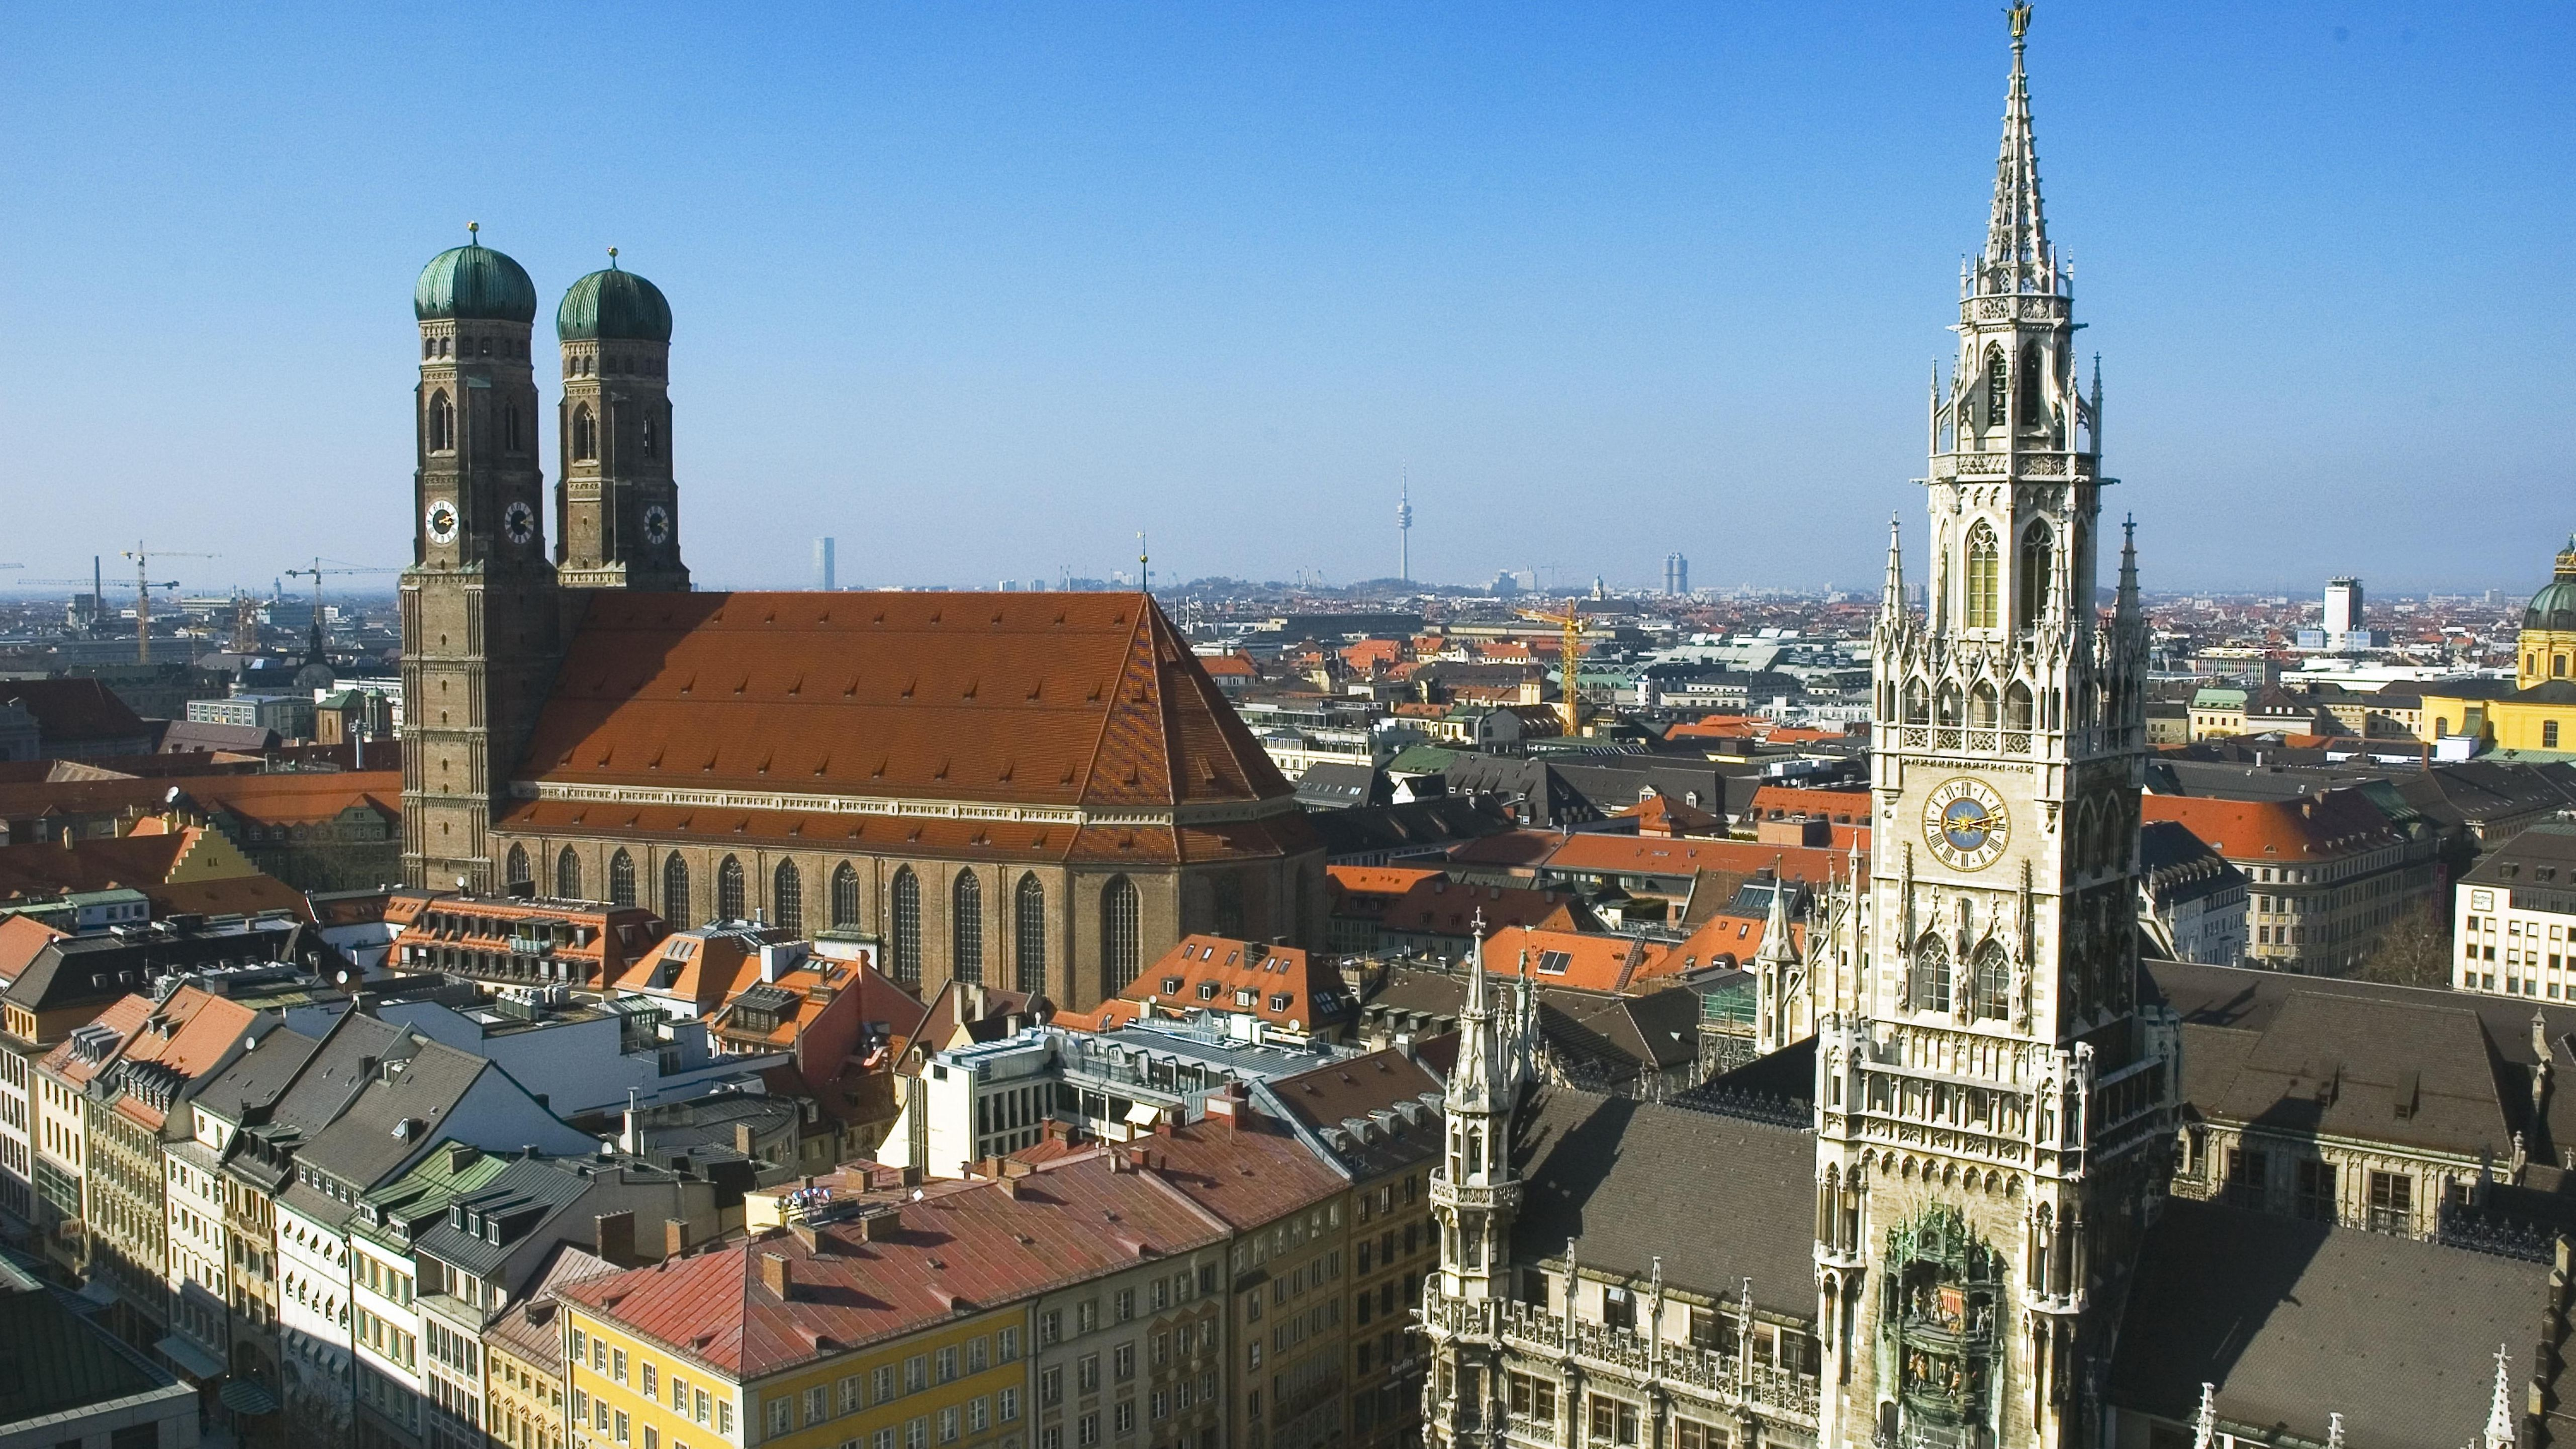 Blick auf München mit Rathaus und Frauenkirche